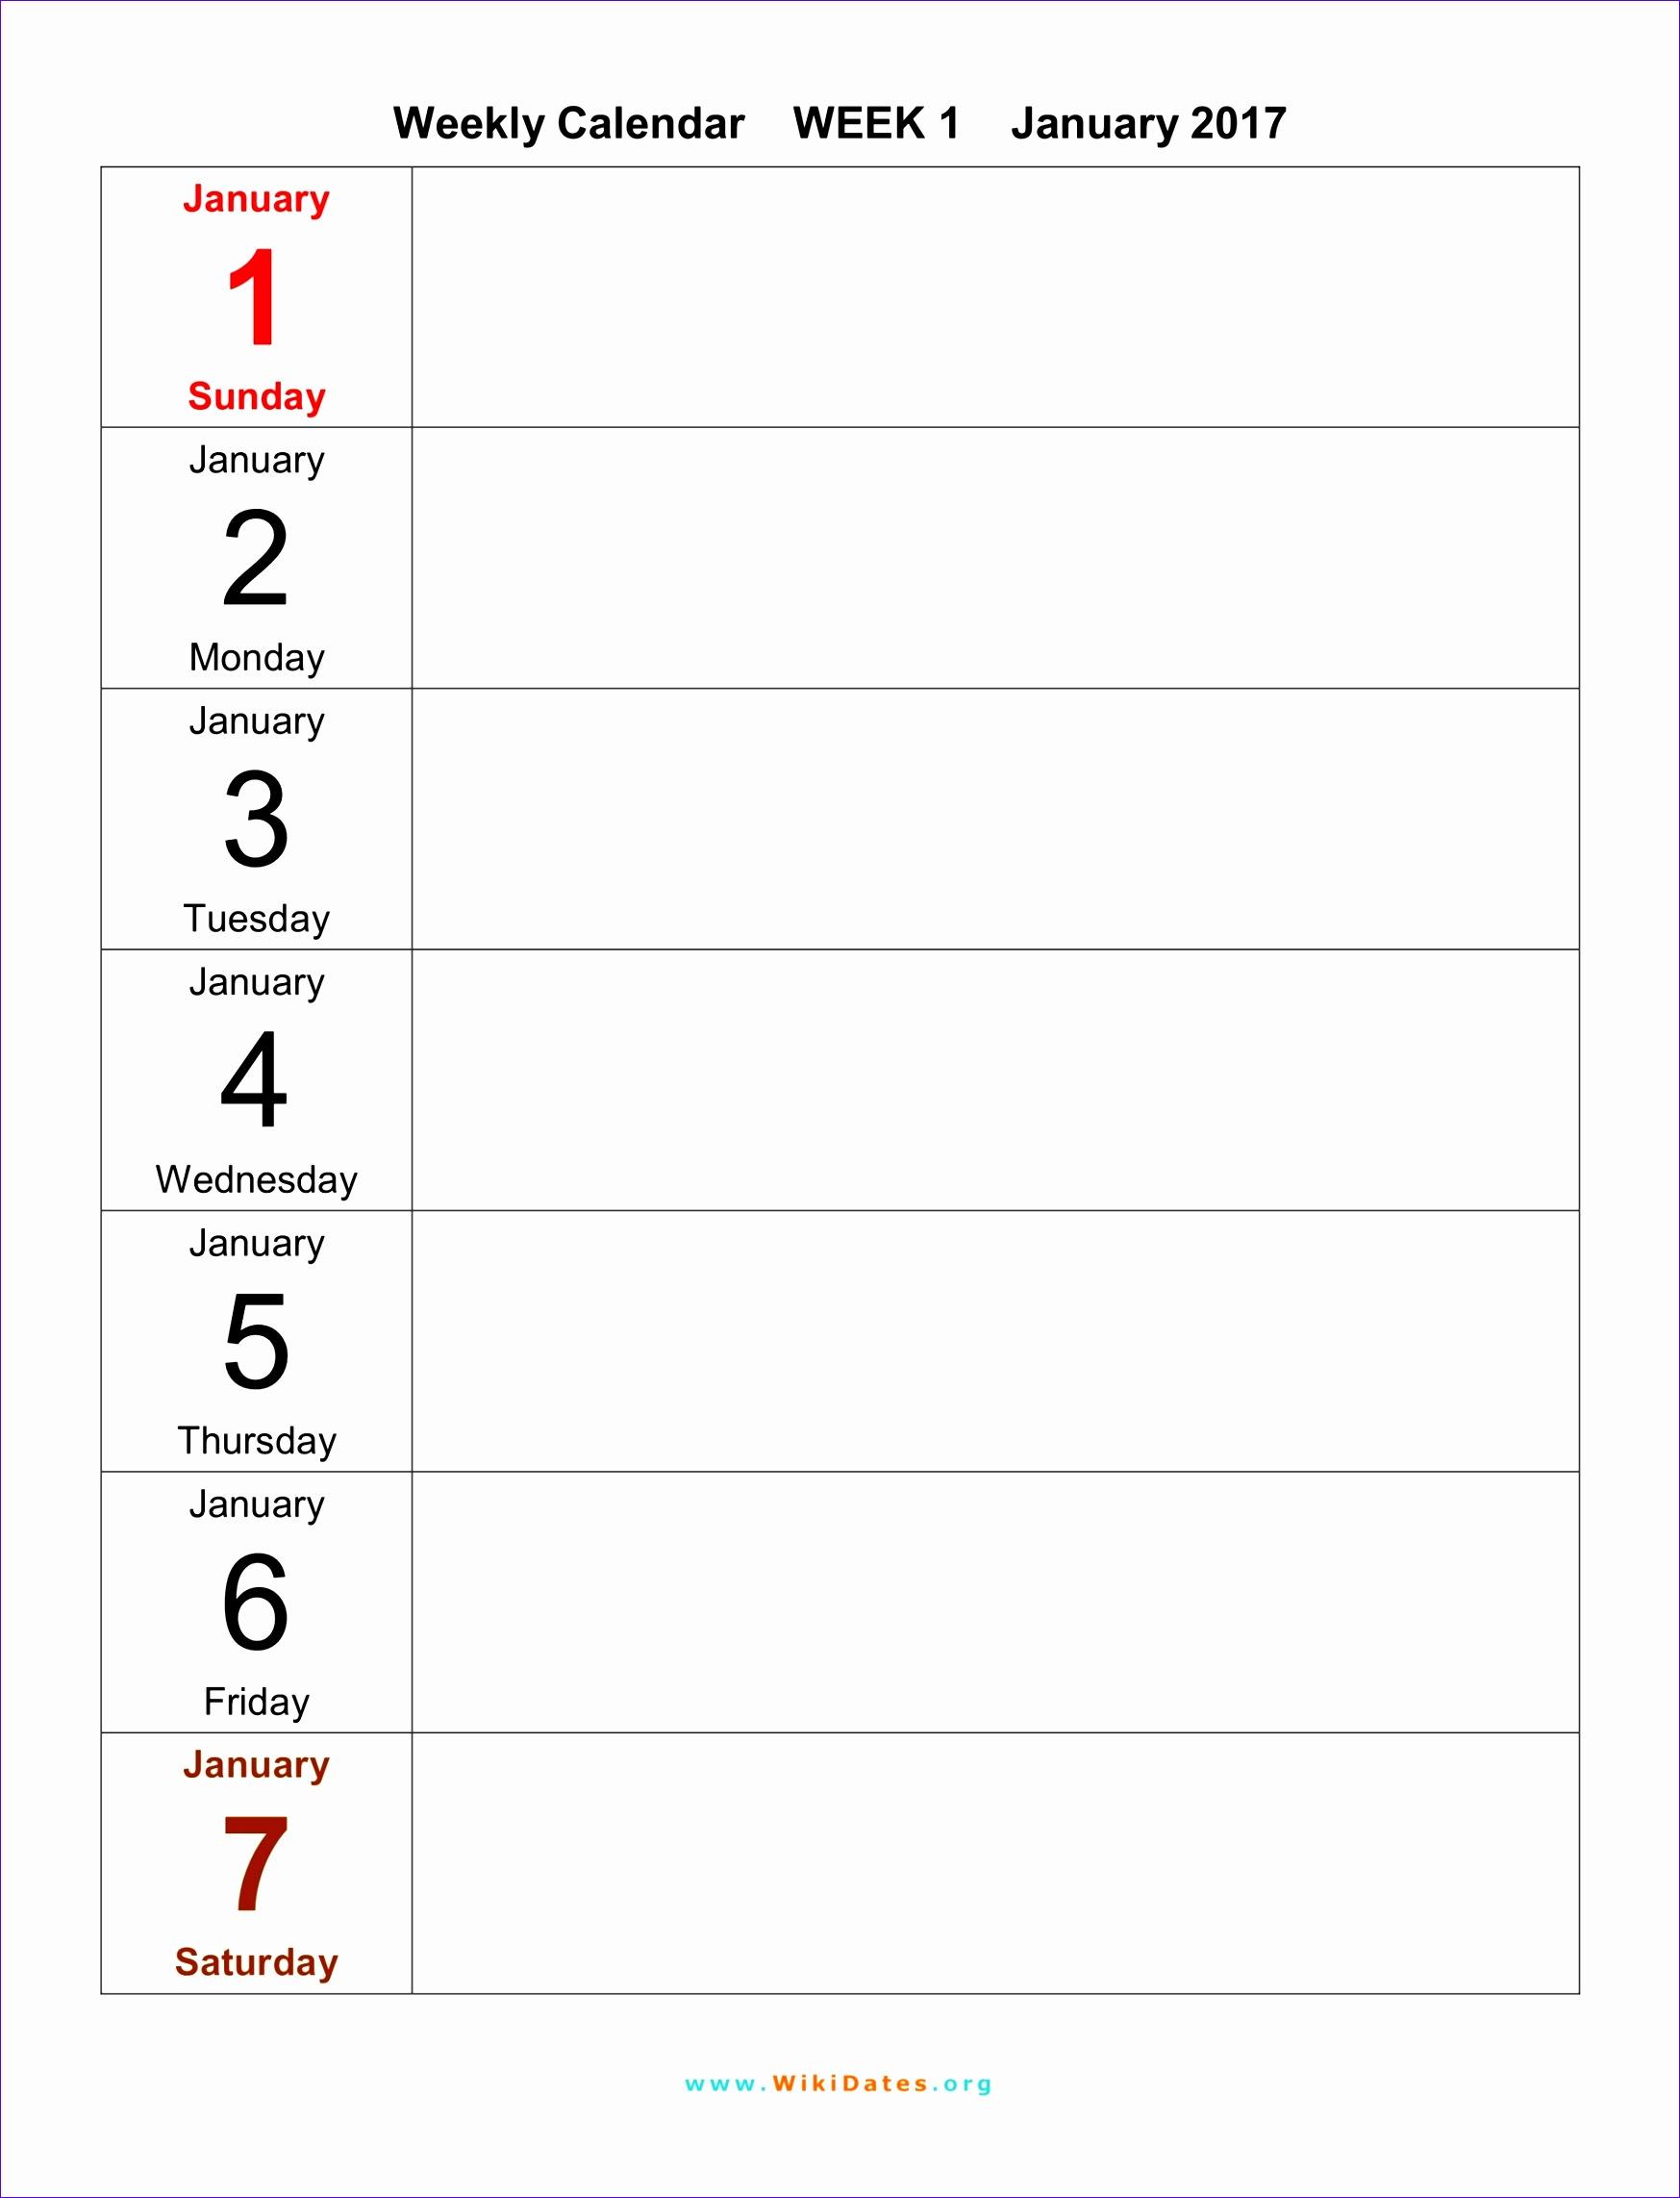 weekly calendar 2017 55 17472285